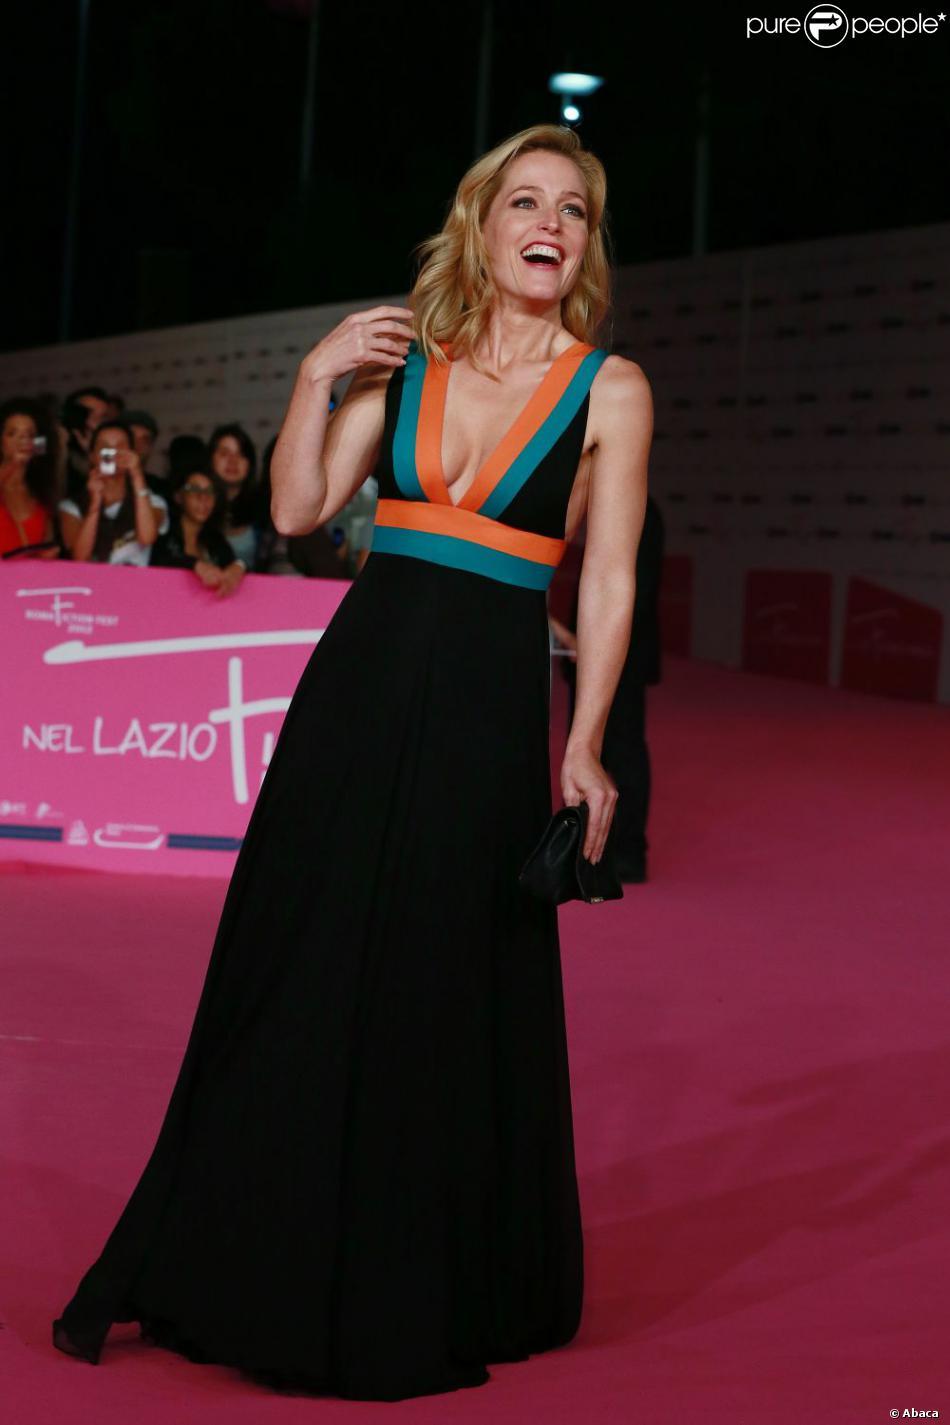 Anderson Gillian Nue gillian anderson : resplendissante et primée au festival de